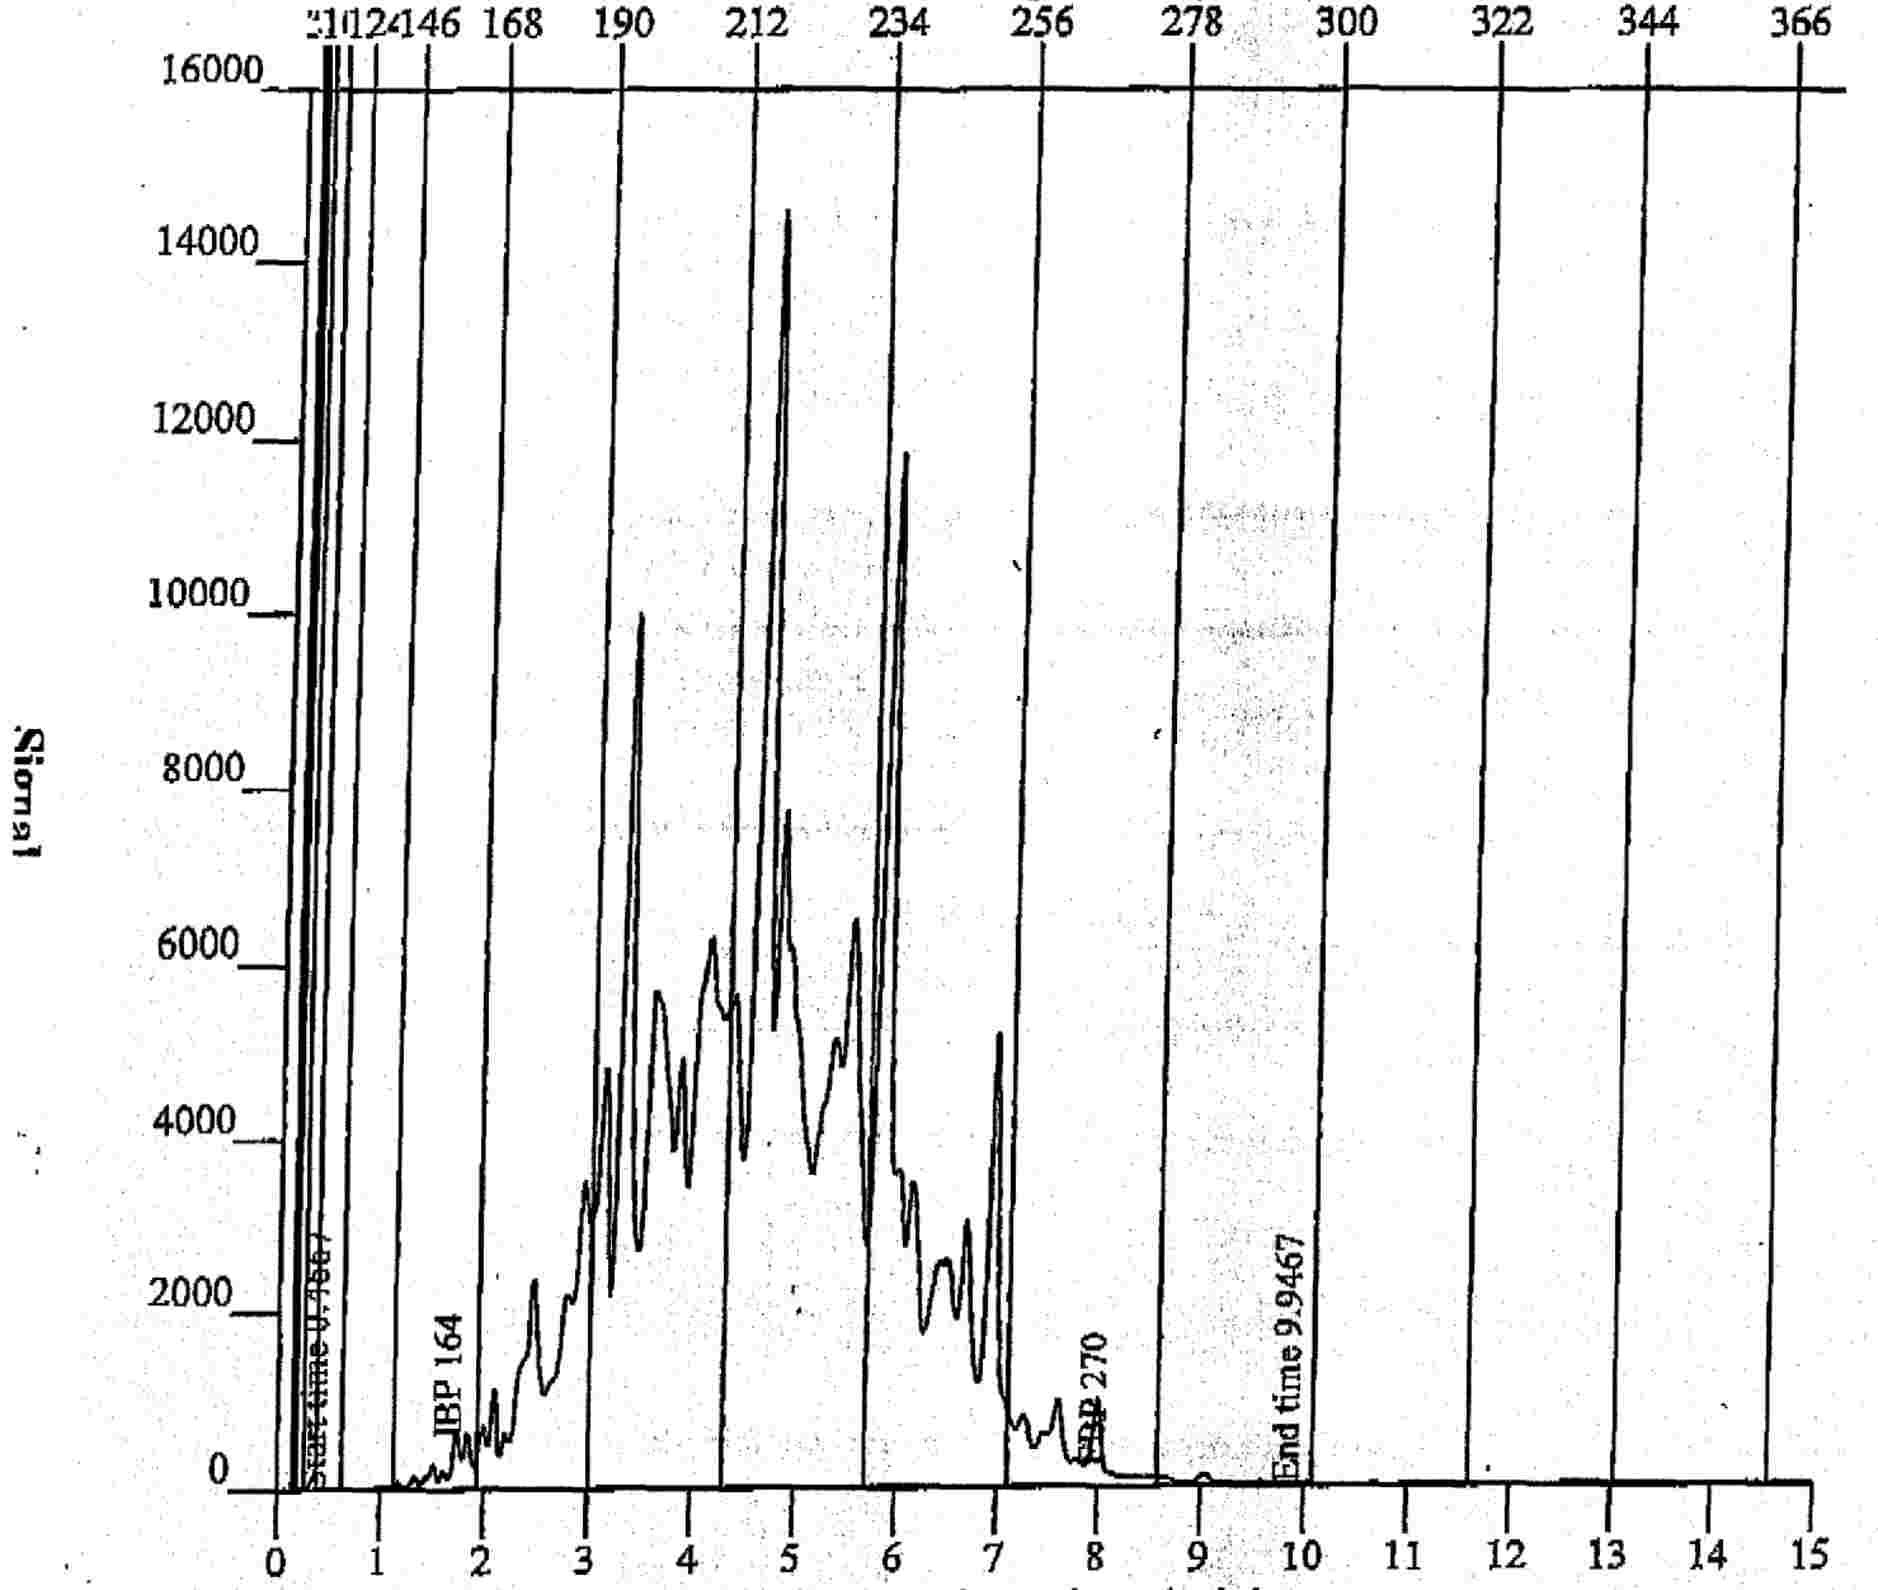 EUR-Lex - C:2011:137:FULL - EN - EUR-Lex